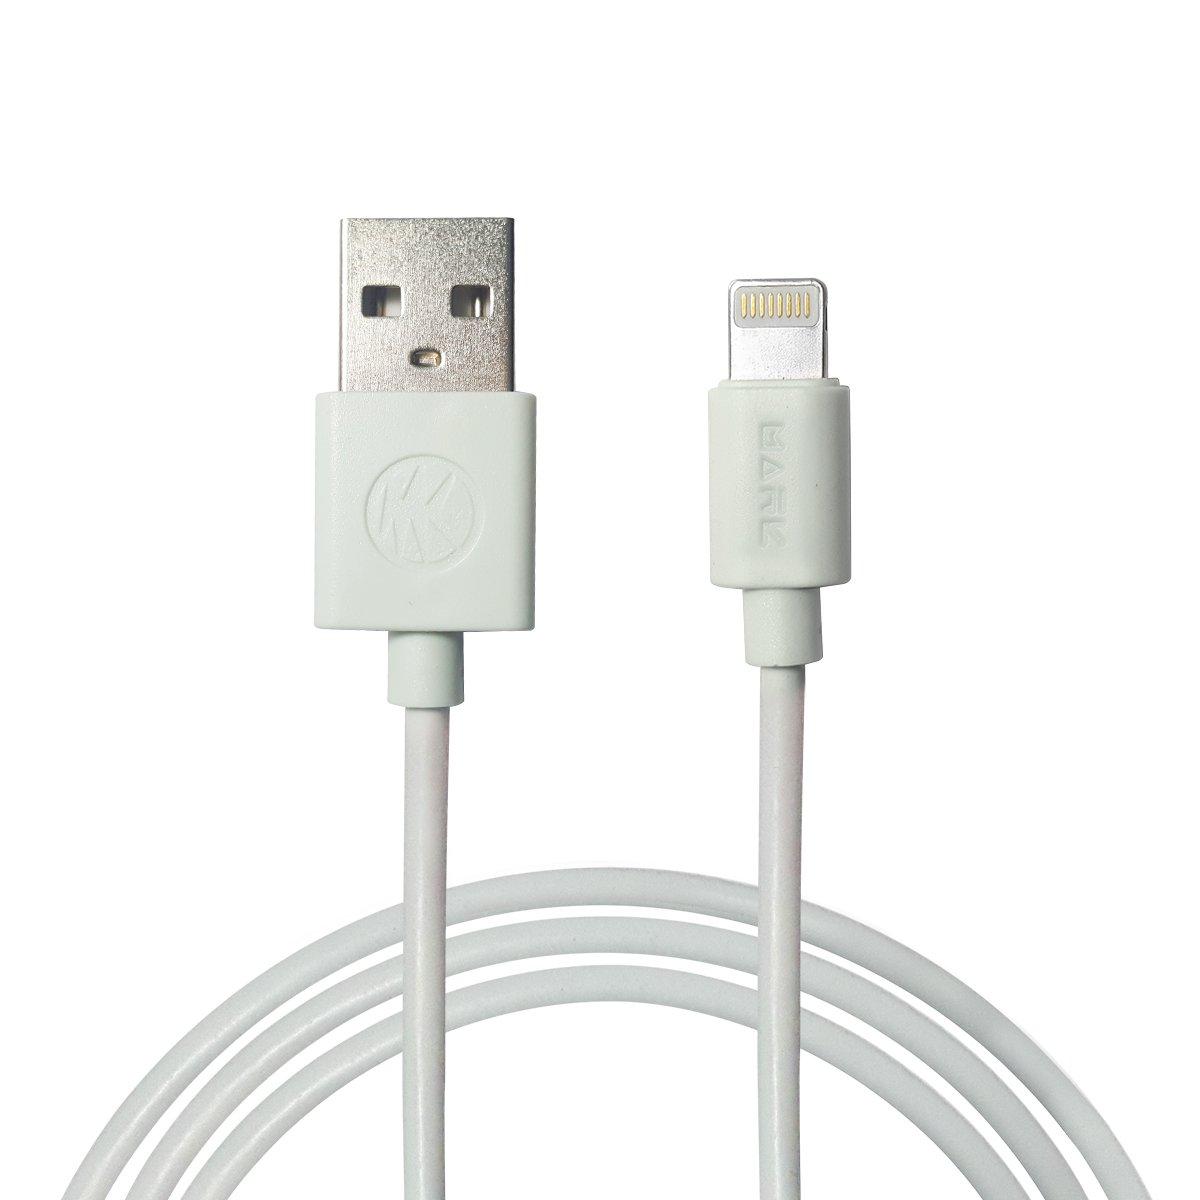 Cáp sạc điện thoại Mark Li5 Lightning USB dài 1m (hỗ trợ sạc nhanh)